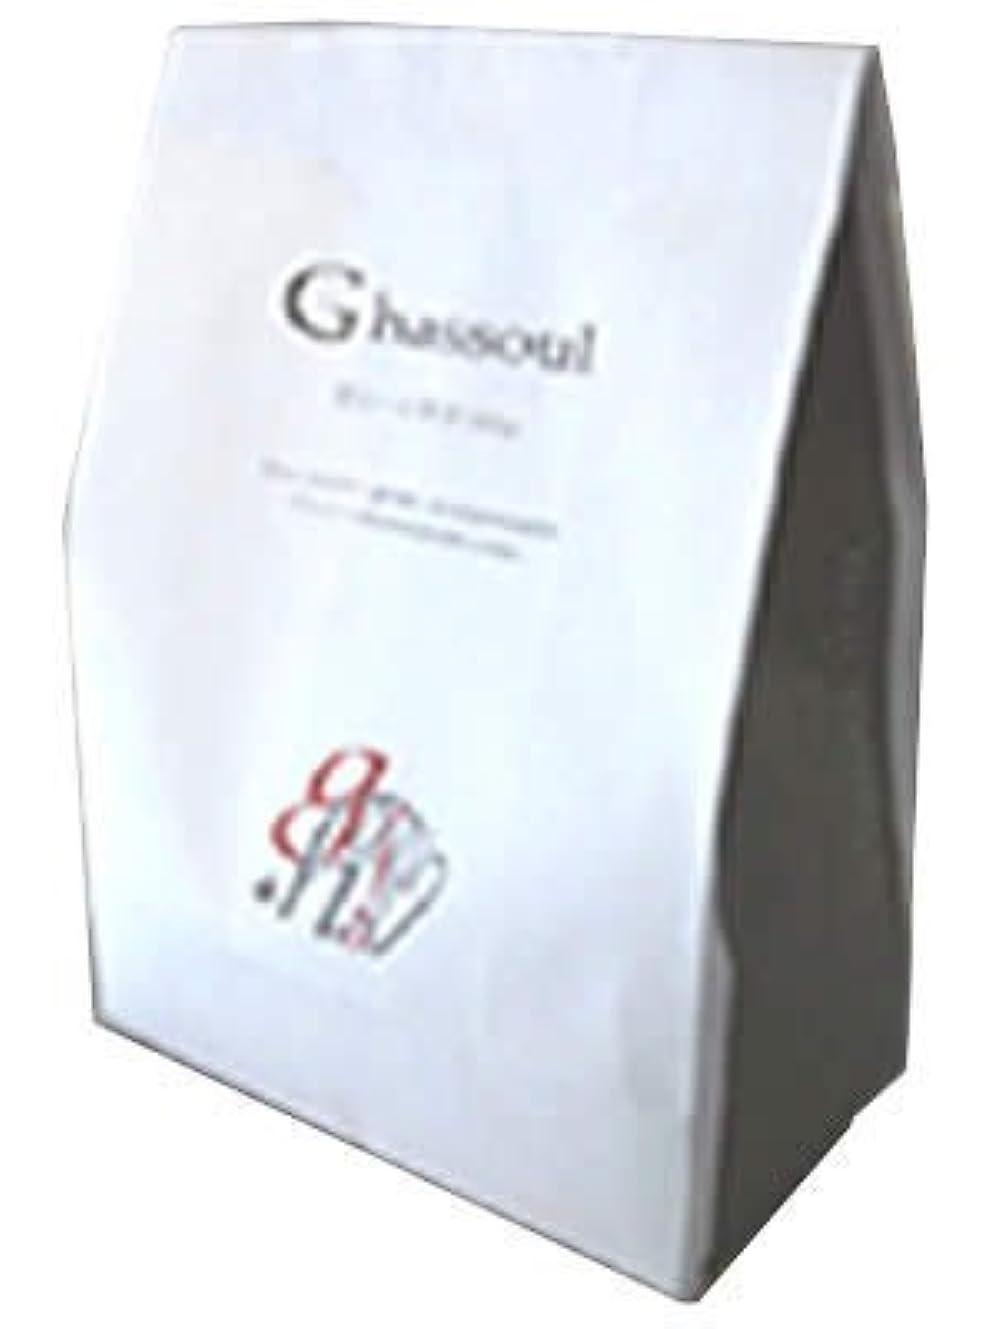 ジャンクラフパールナイアード ガスール固形(タブレット)タイプ 500g